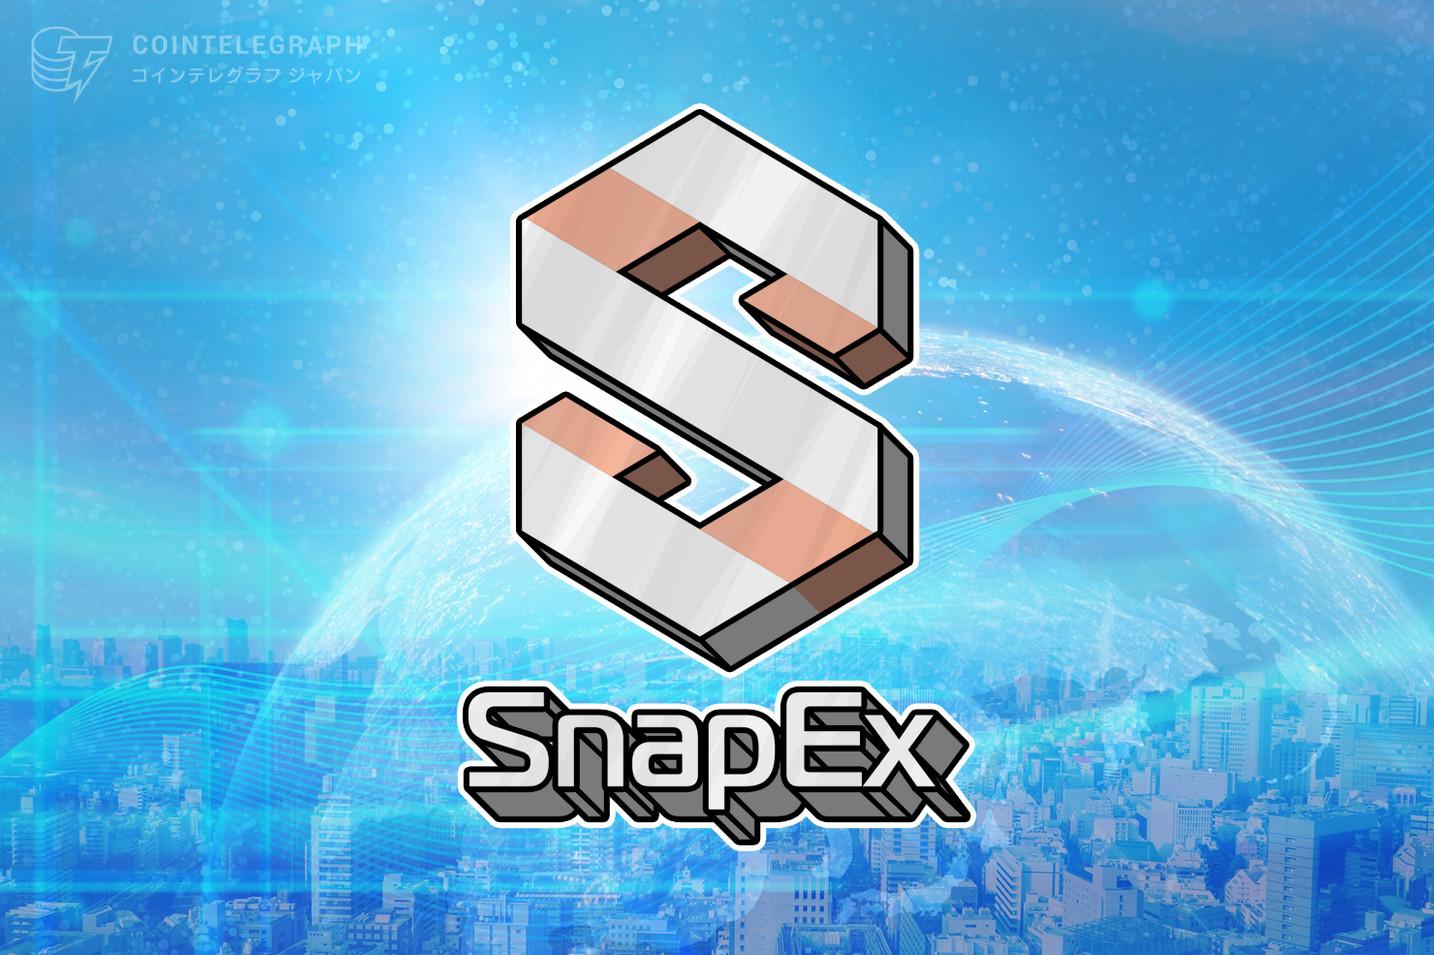 500名優勝者に20万USDTの賞金プールを提供するSnapExのワールドトレードコンテストシーズン2が発表